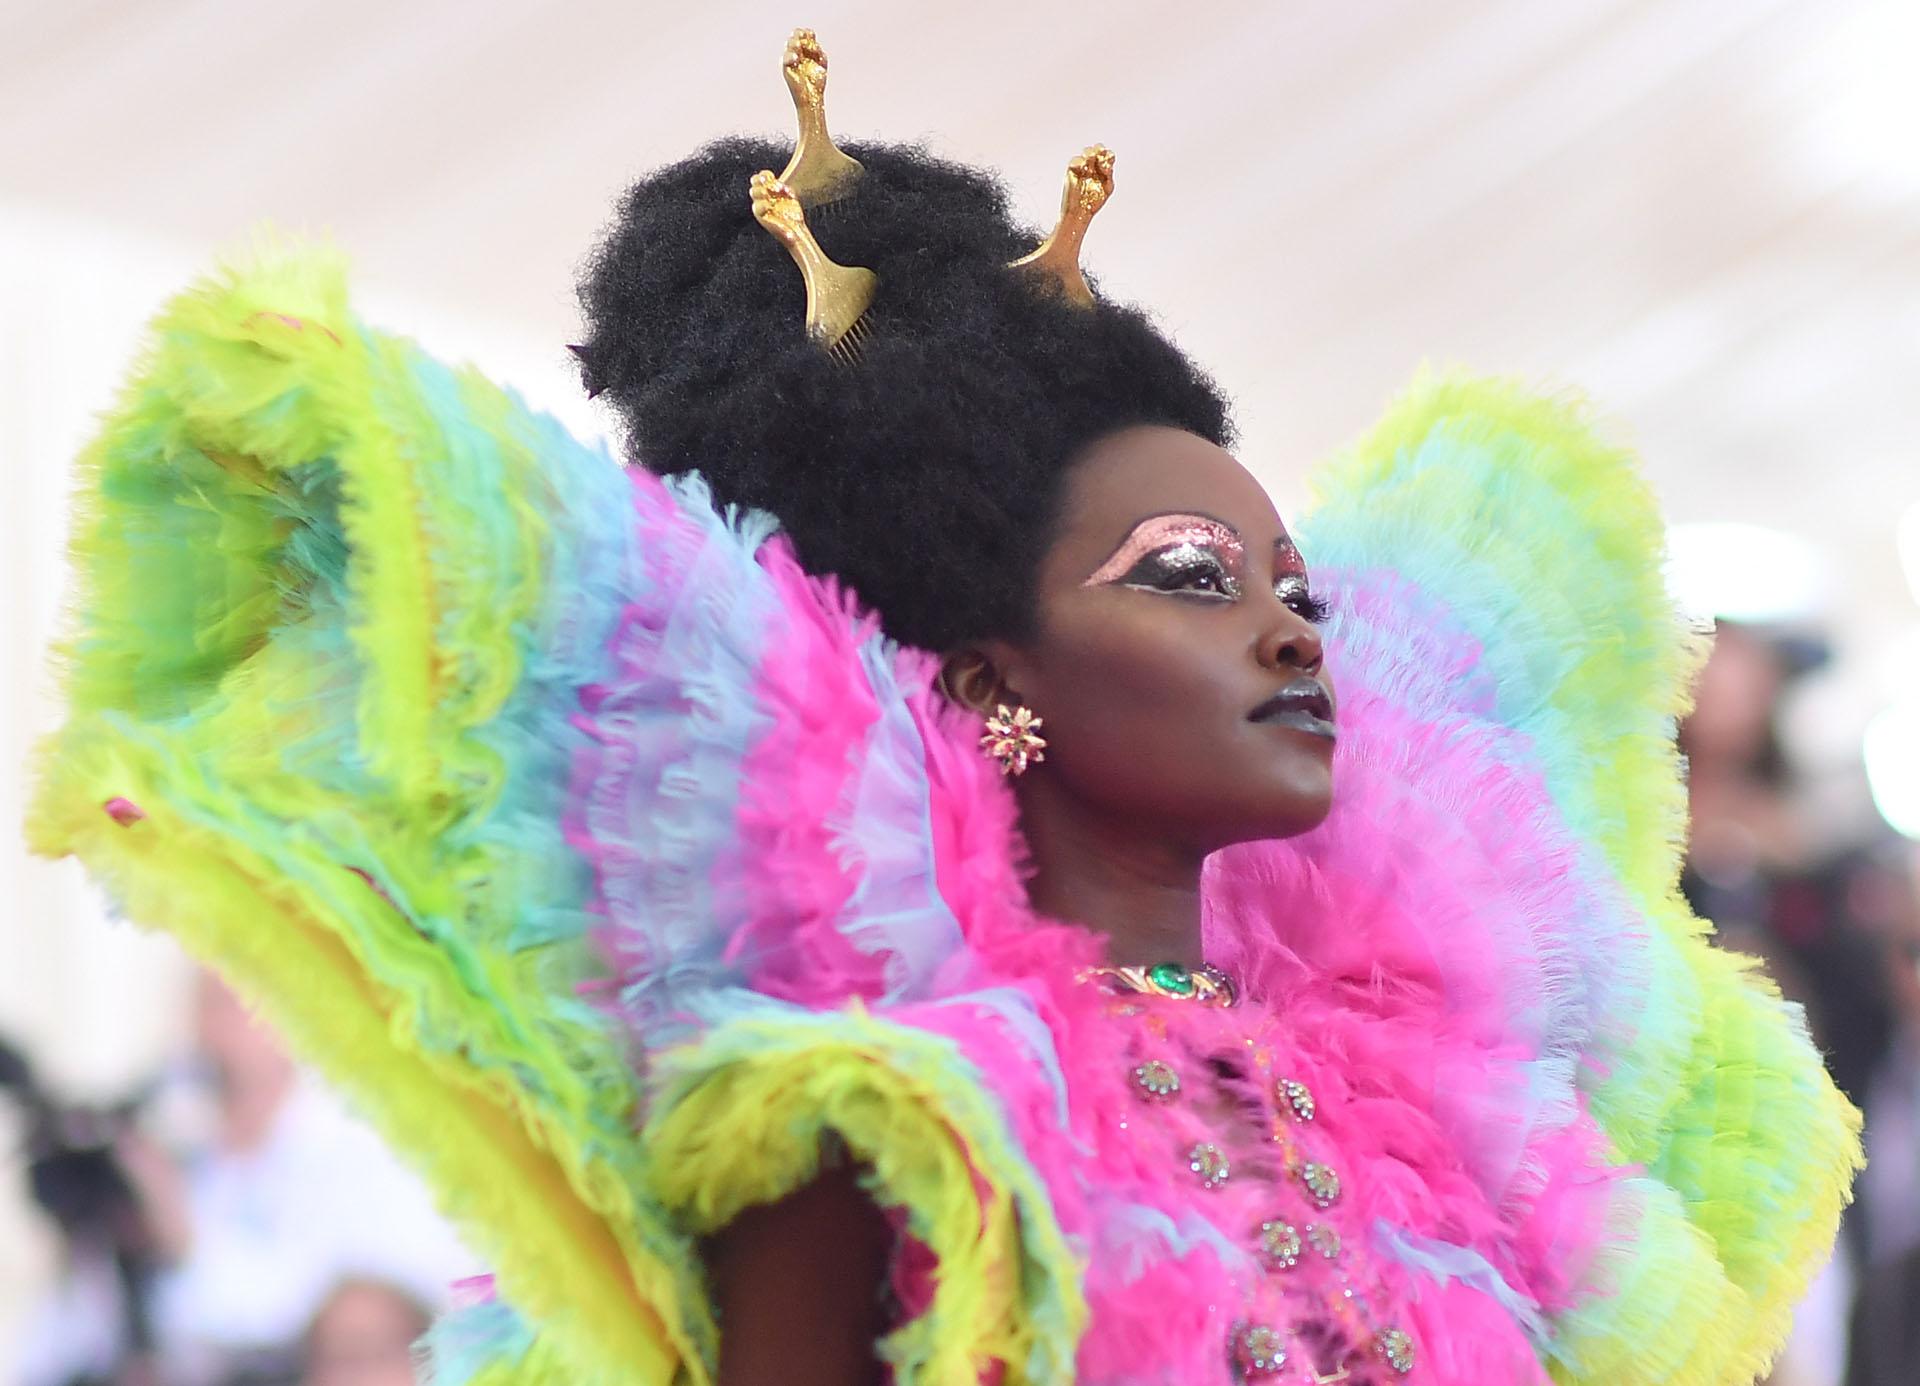 Afro queenl: Lupita Nyong'o no quiso pasar desapercibida. El maquillaje, el peinado y el vestido por Valentino, cada uno habla por sí solo